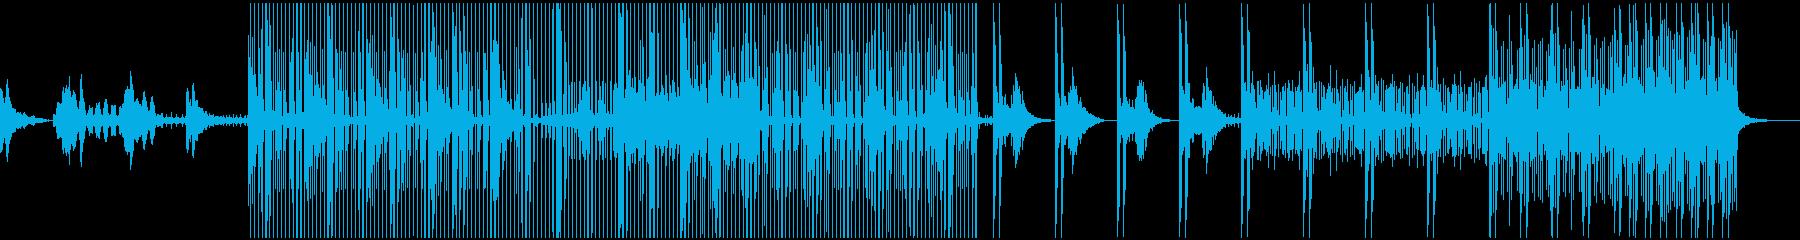 幻想的な雰囲気のエレクトロニカの再生済みの波形